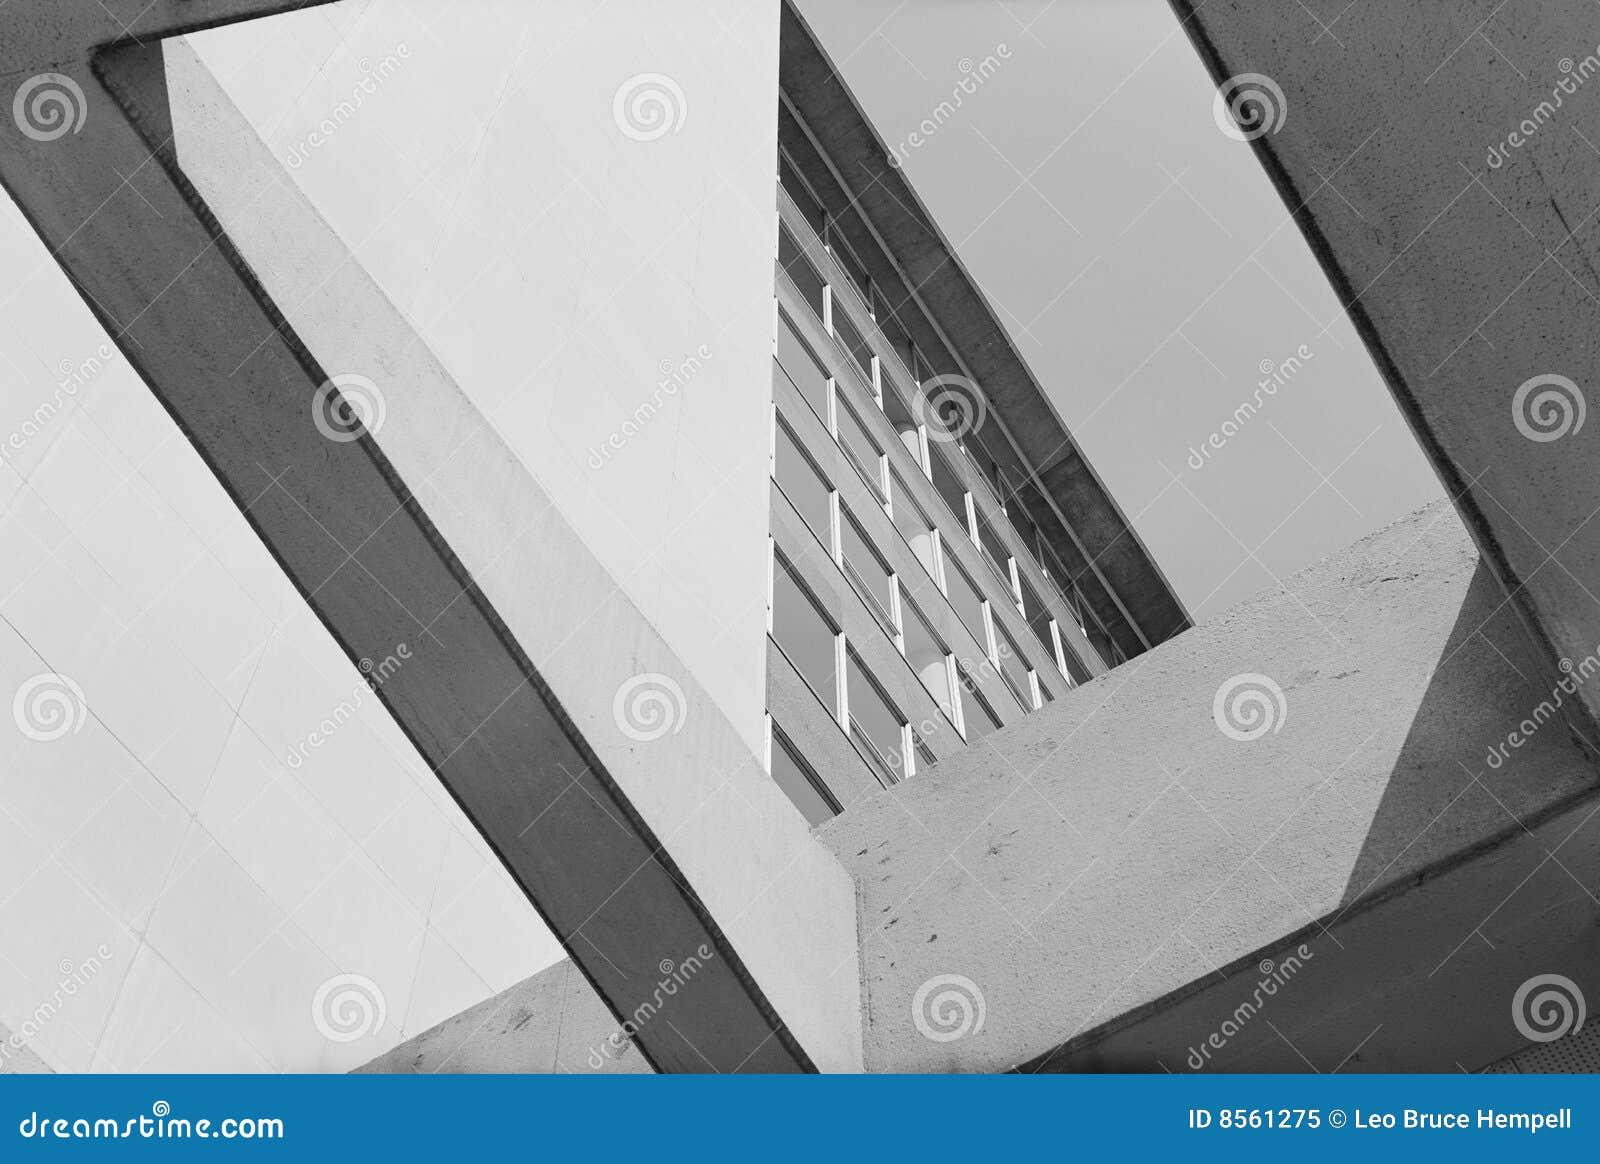 Portico moderno immagine stock immagine di bianco nero for Portico moderno